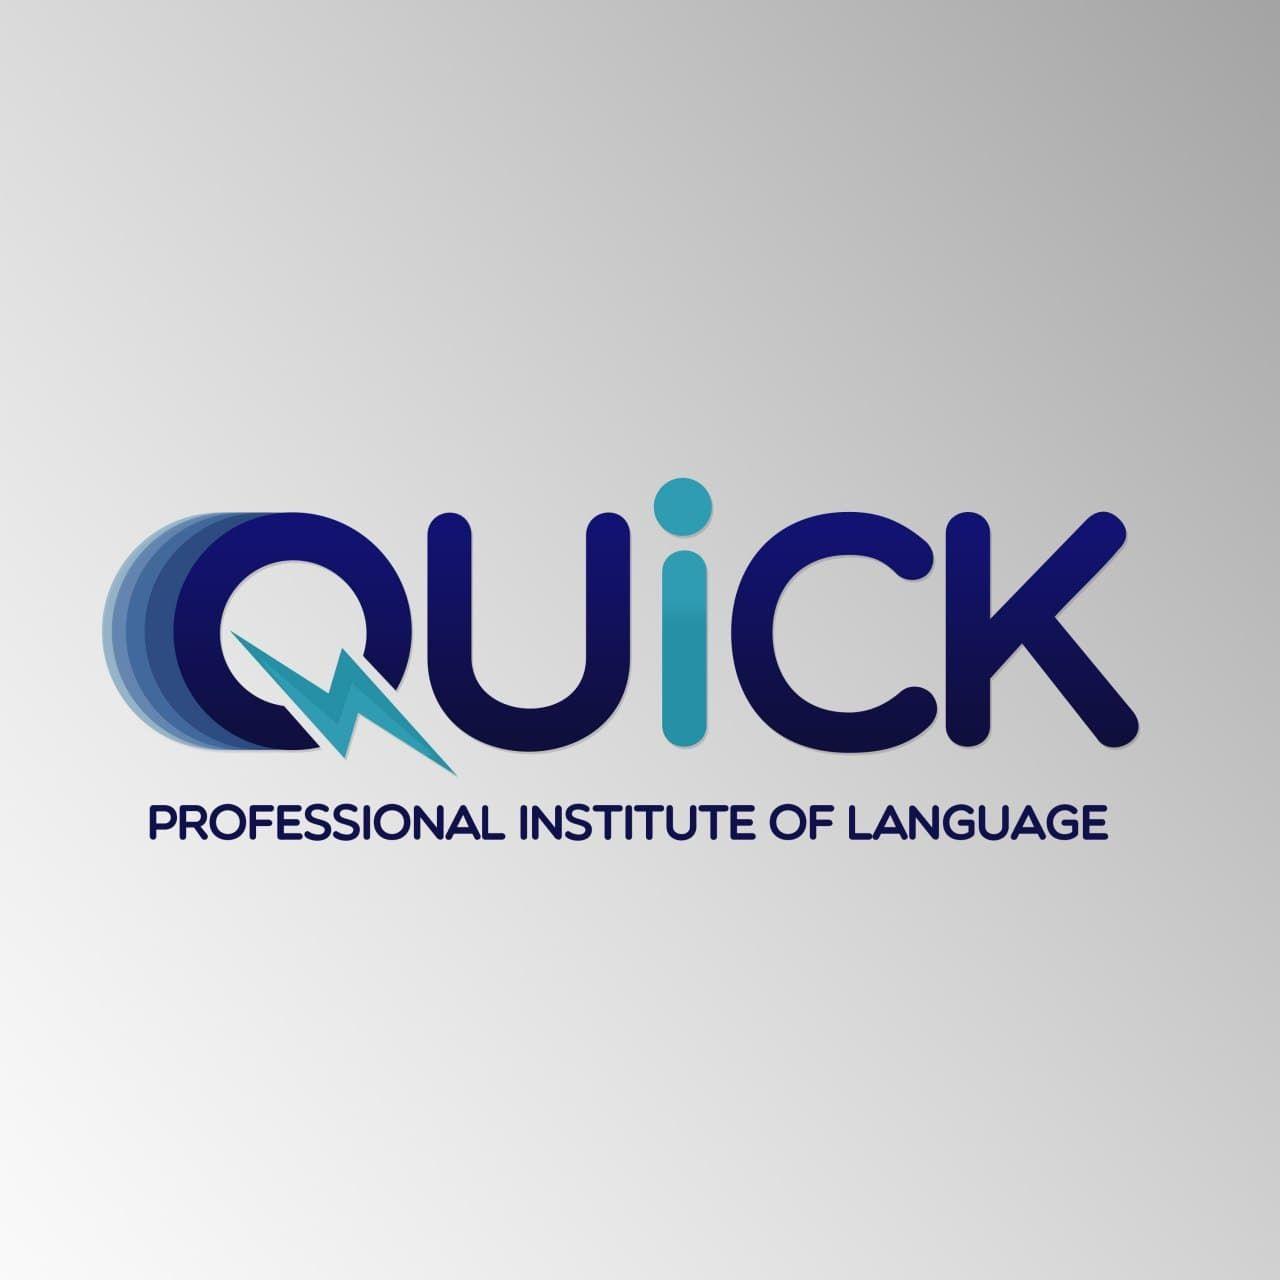 موسسه زبان کوییک